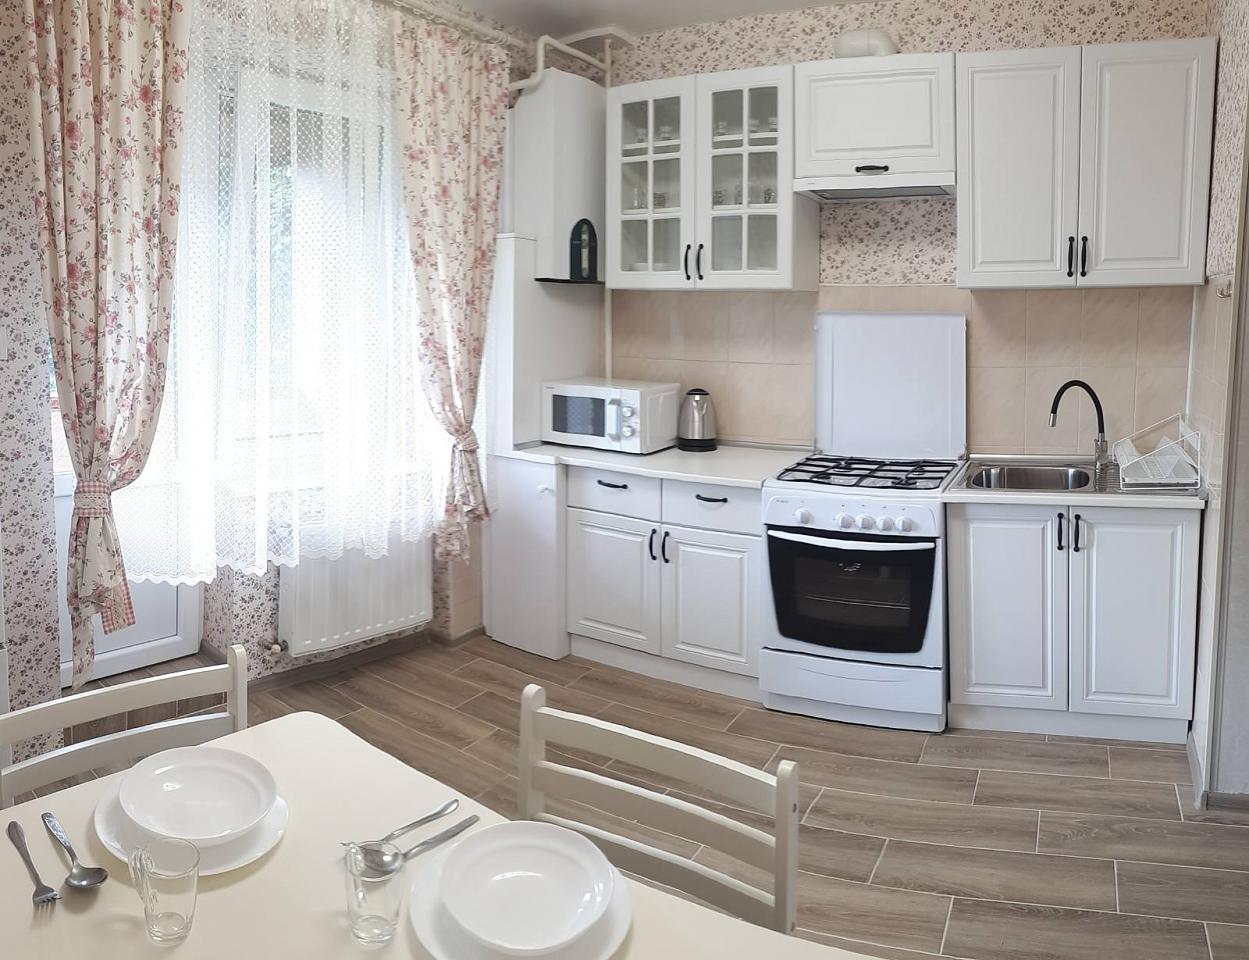 Сдается комфортабельная 2-комн. квартира с уютной лоджией около термального басейна (2)